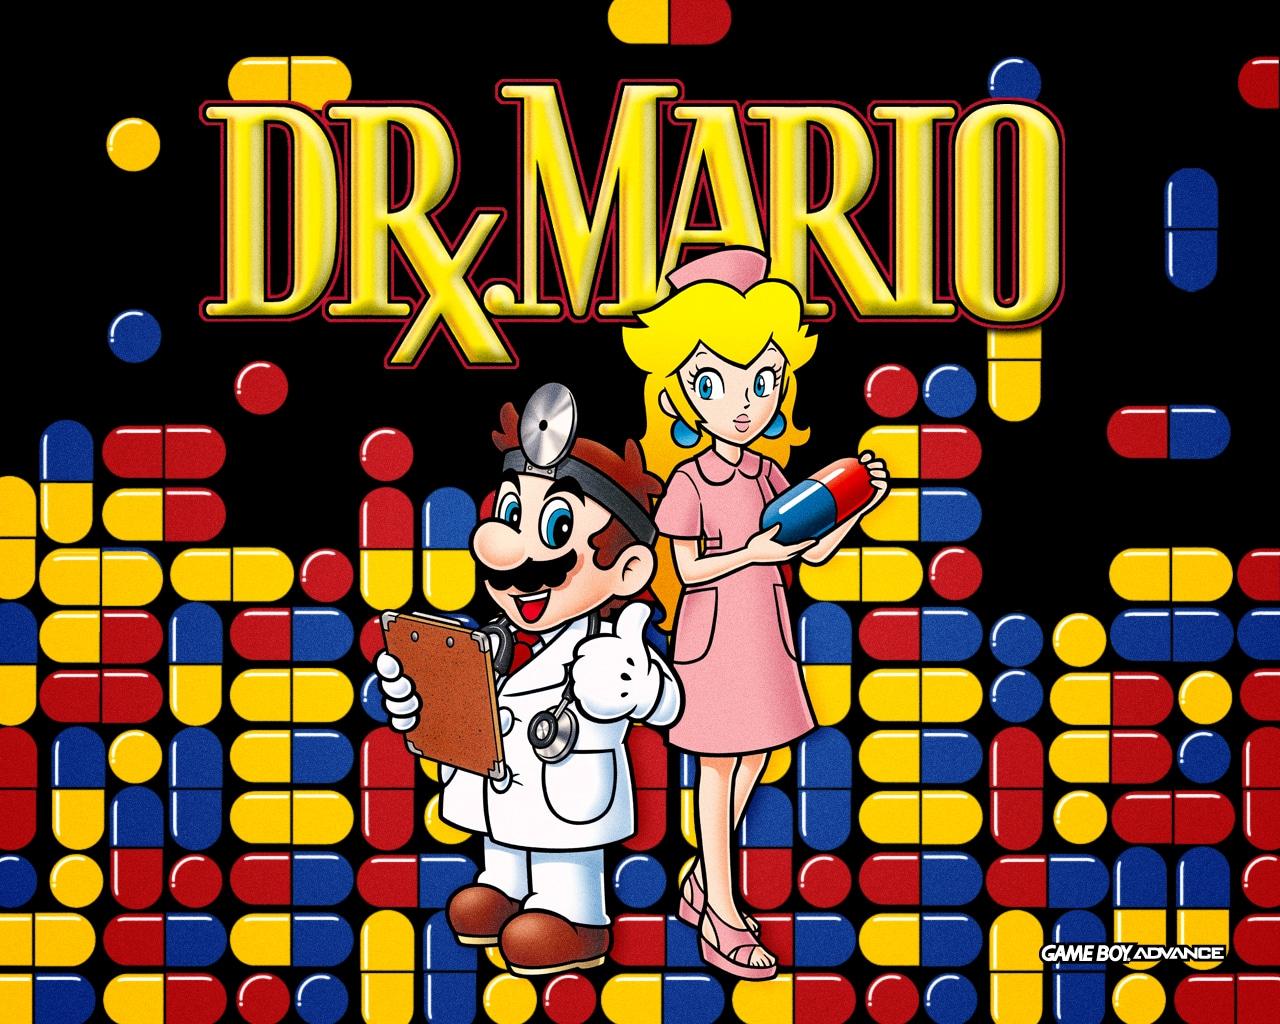 D.r Mario & Puzzle league